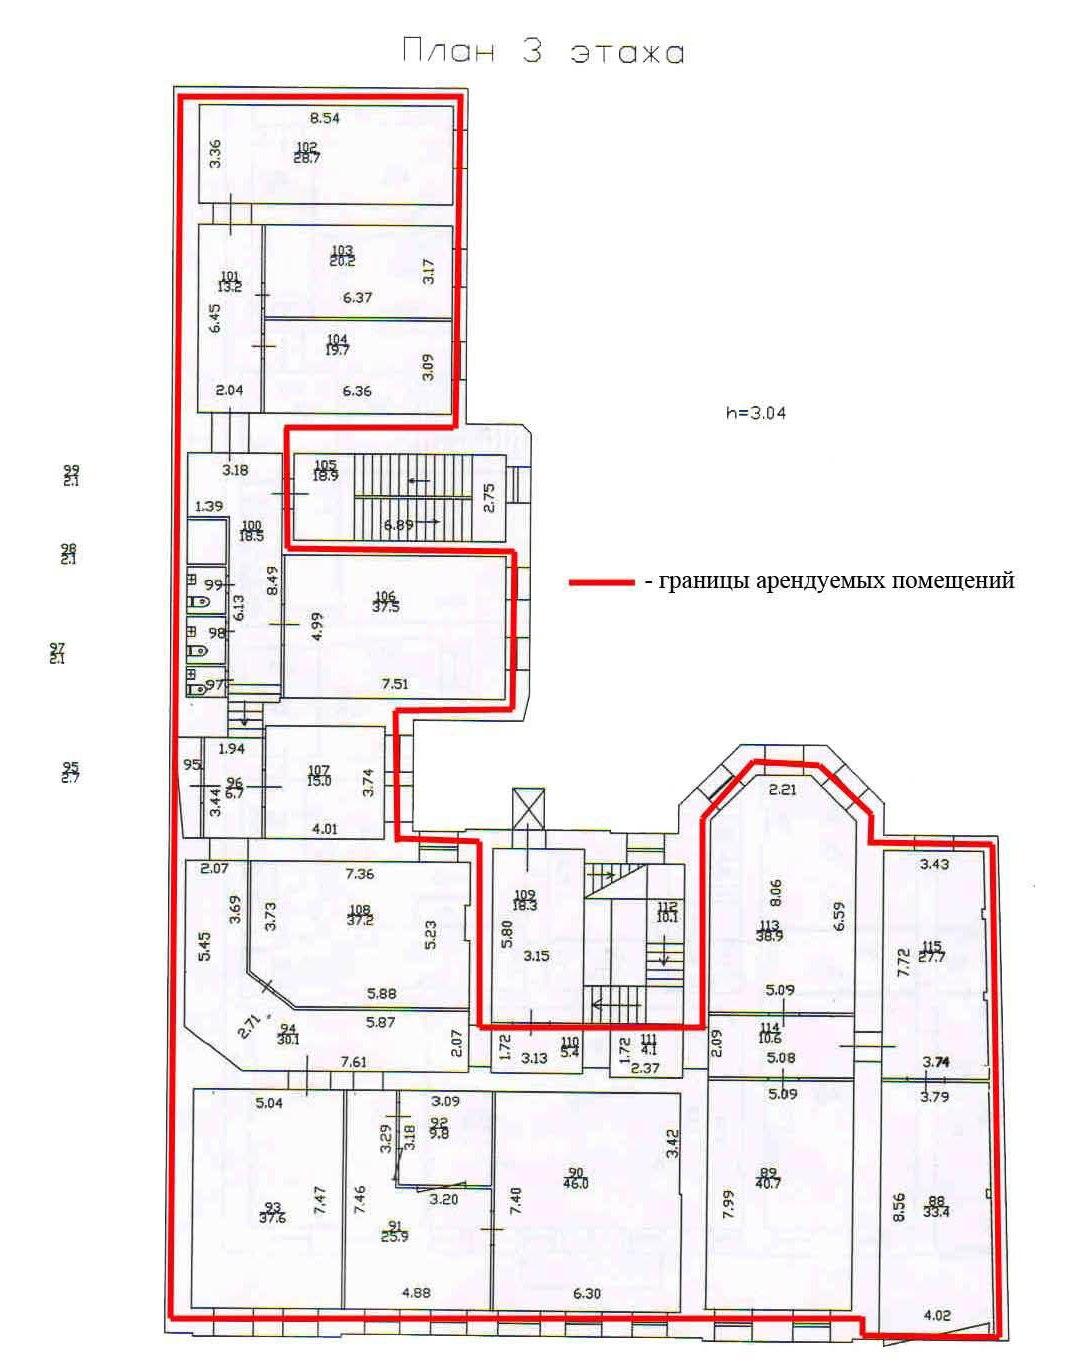 Сдаются в аренду офисные помещения в Центральном р-не на Синопская наб., д.54, БЦ «Синопская 54»